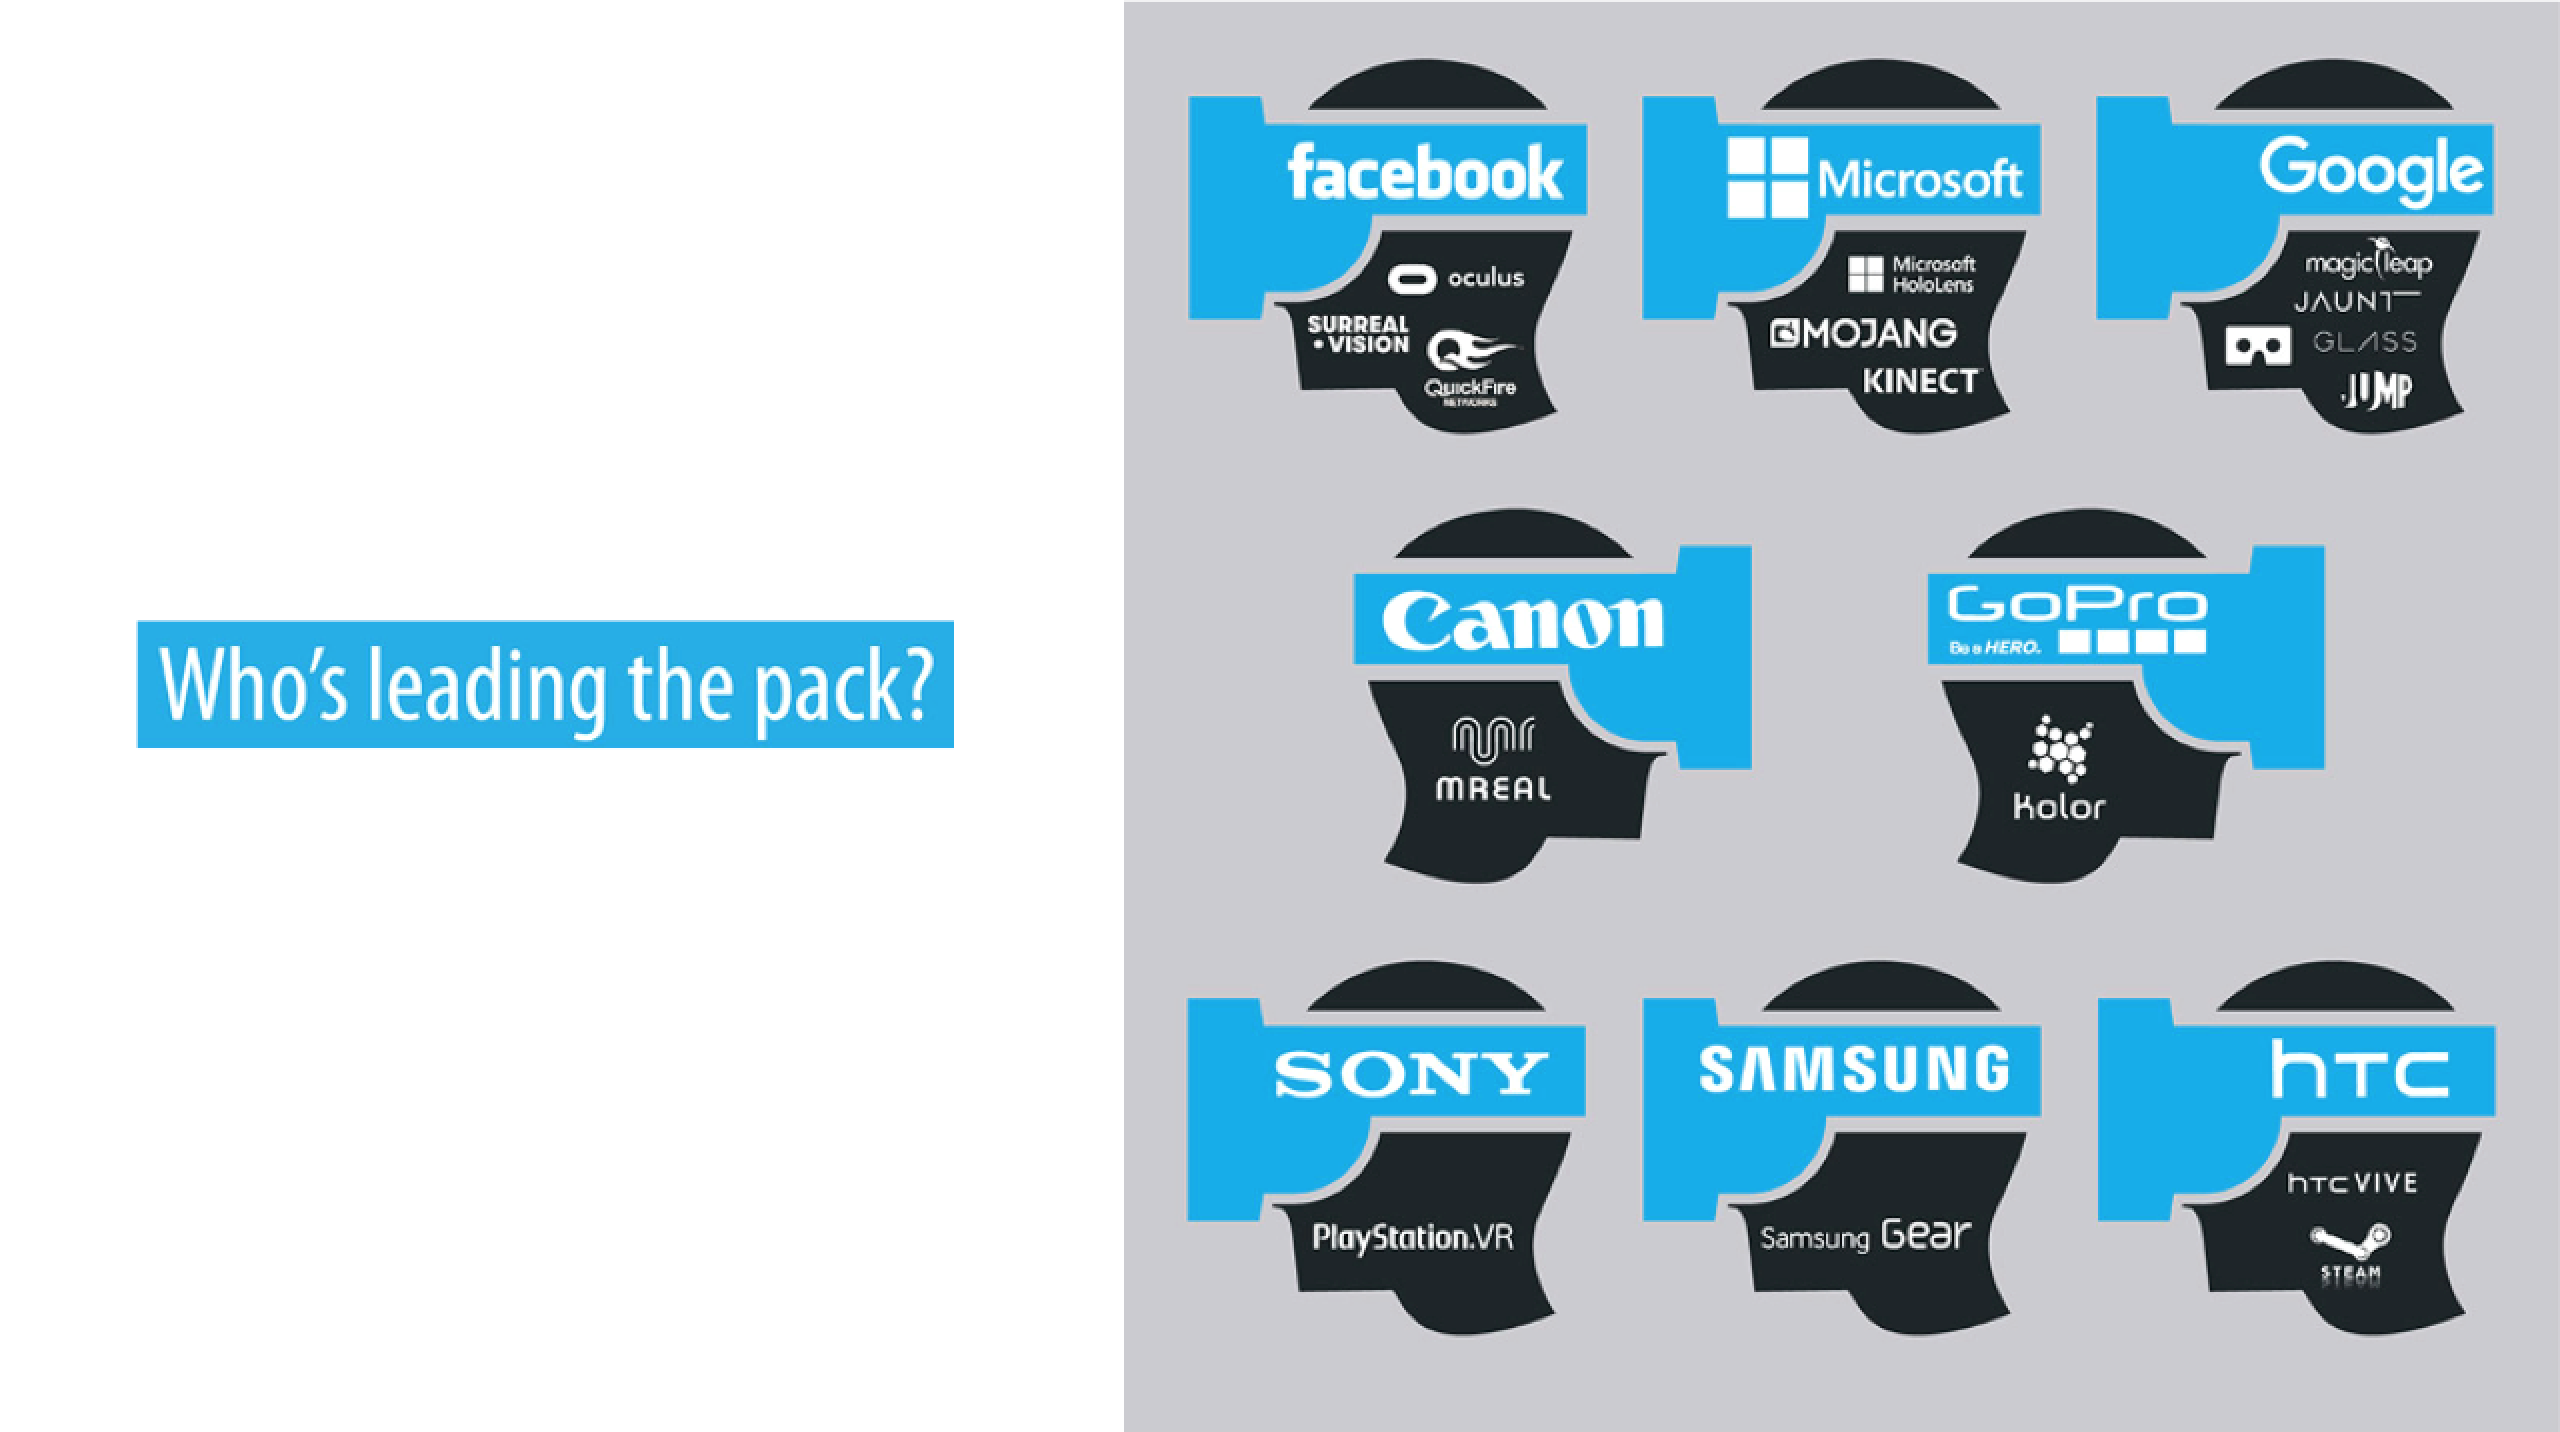 empresas tecnológicas y VR 2016